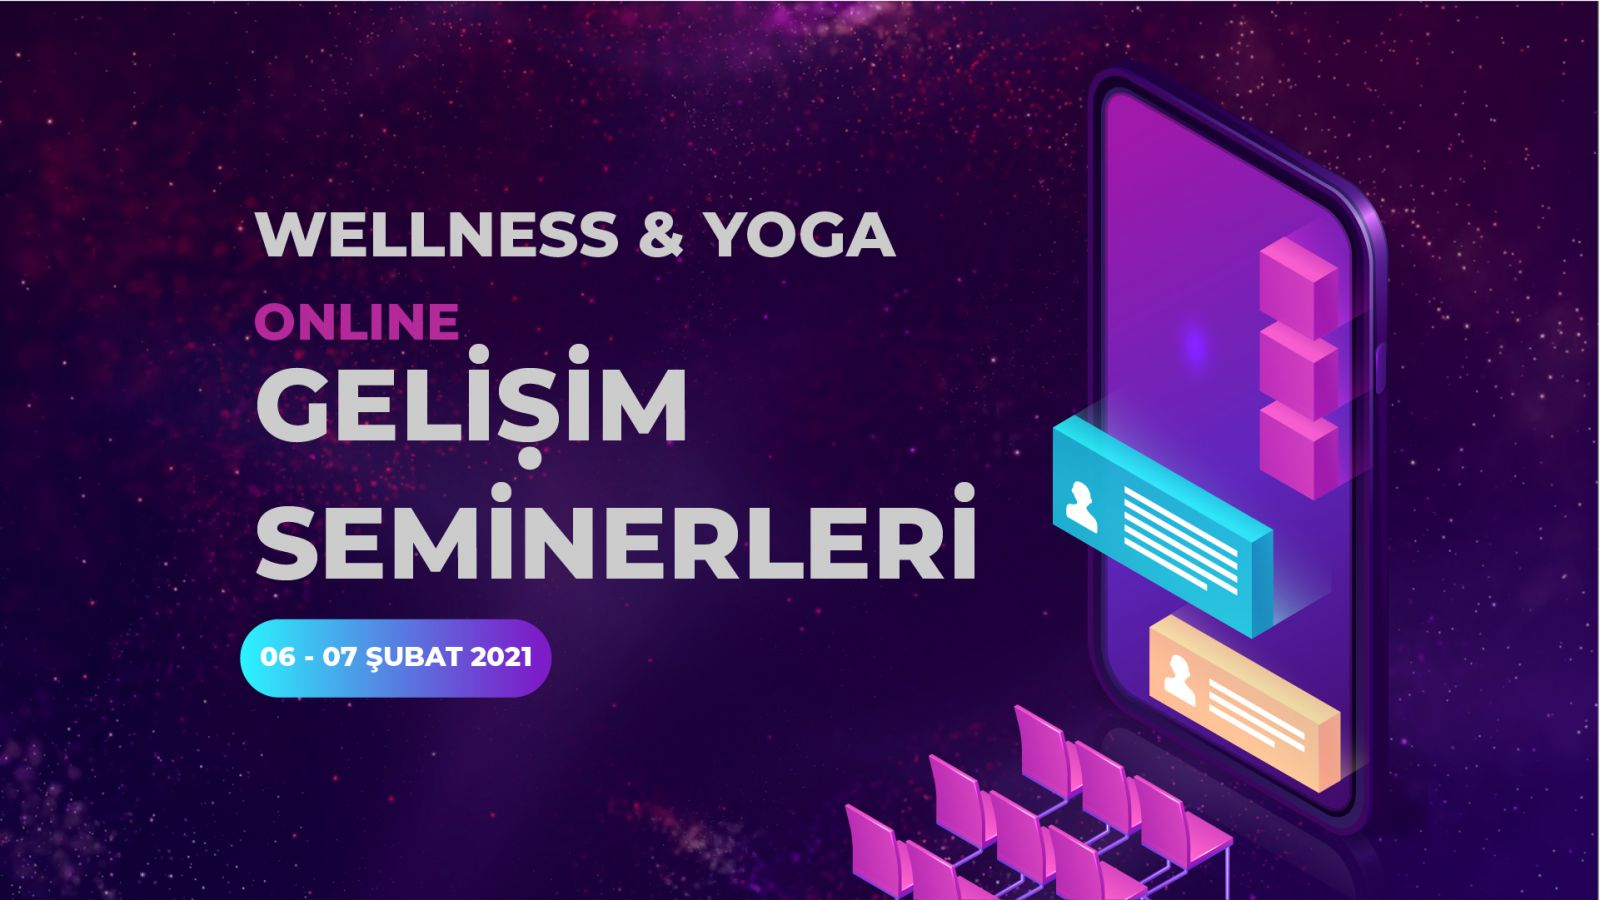 WELLNESS & YOGA GELİŞİM SEMİNERLERİ 06-07 ŞUBAT 2021